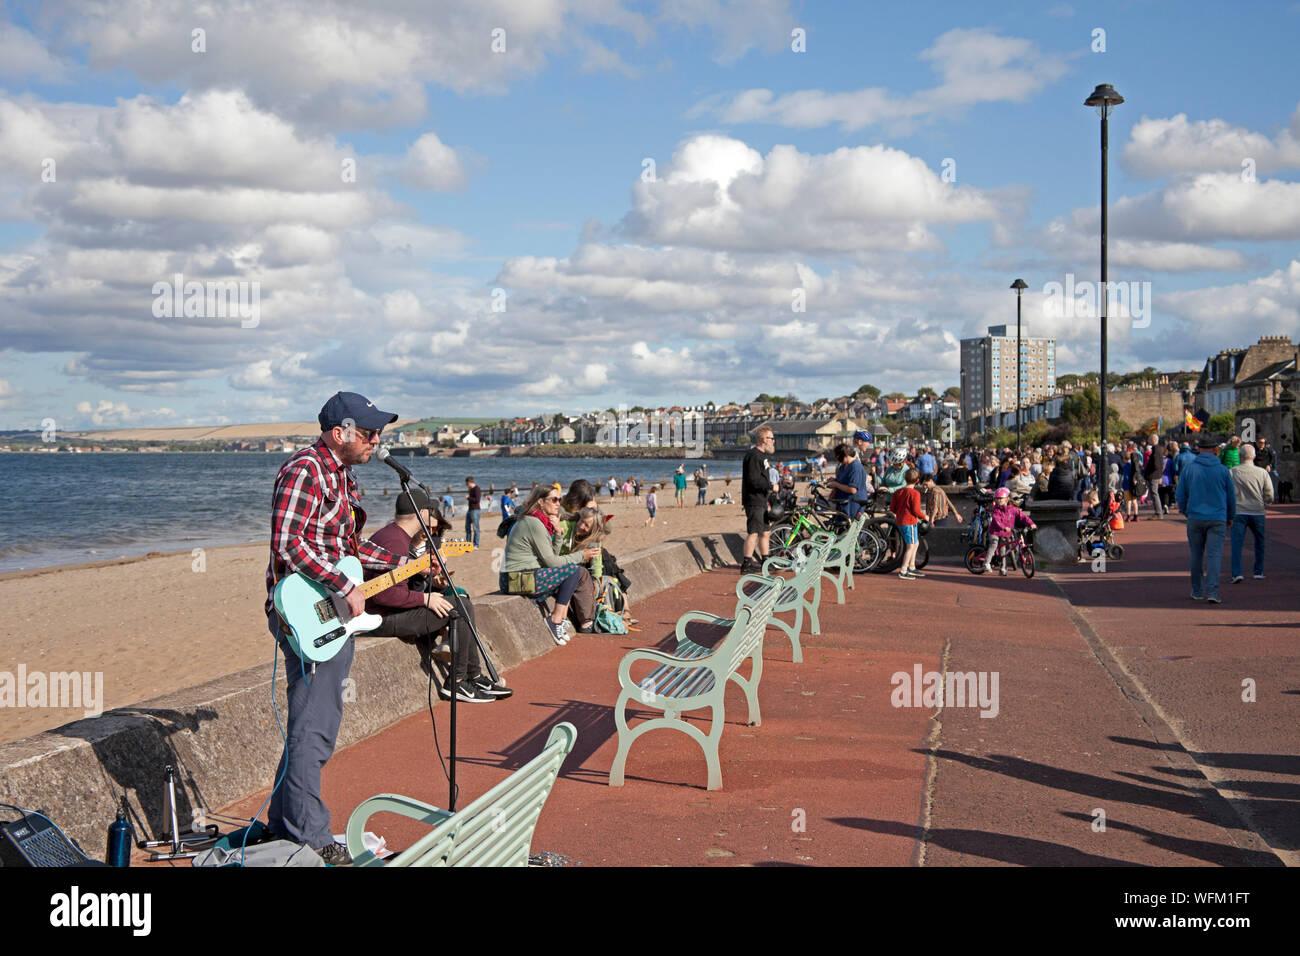 Portobello Beach, Édimbourg, Écosse, Royaume-Uni. 31 août 2019. Le Edinburgh Big Beach Busk est revenu pour une dixième fois cette année, avec la promenade de la plage de Portobello accueillant des centaines de musiciens. L'immense événement de bus a été organisé à l'origine comme un moyen de donner un espace aux bus d'Édimbourg qui ont peut-être été pressés par le Festival. Banque D'Images